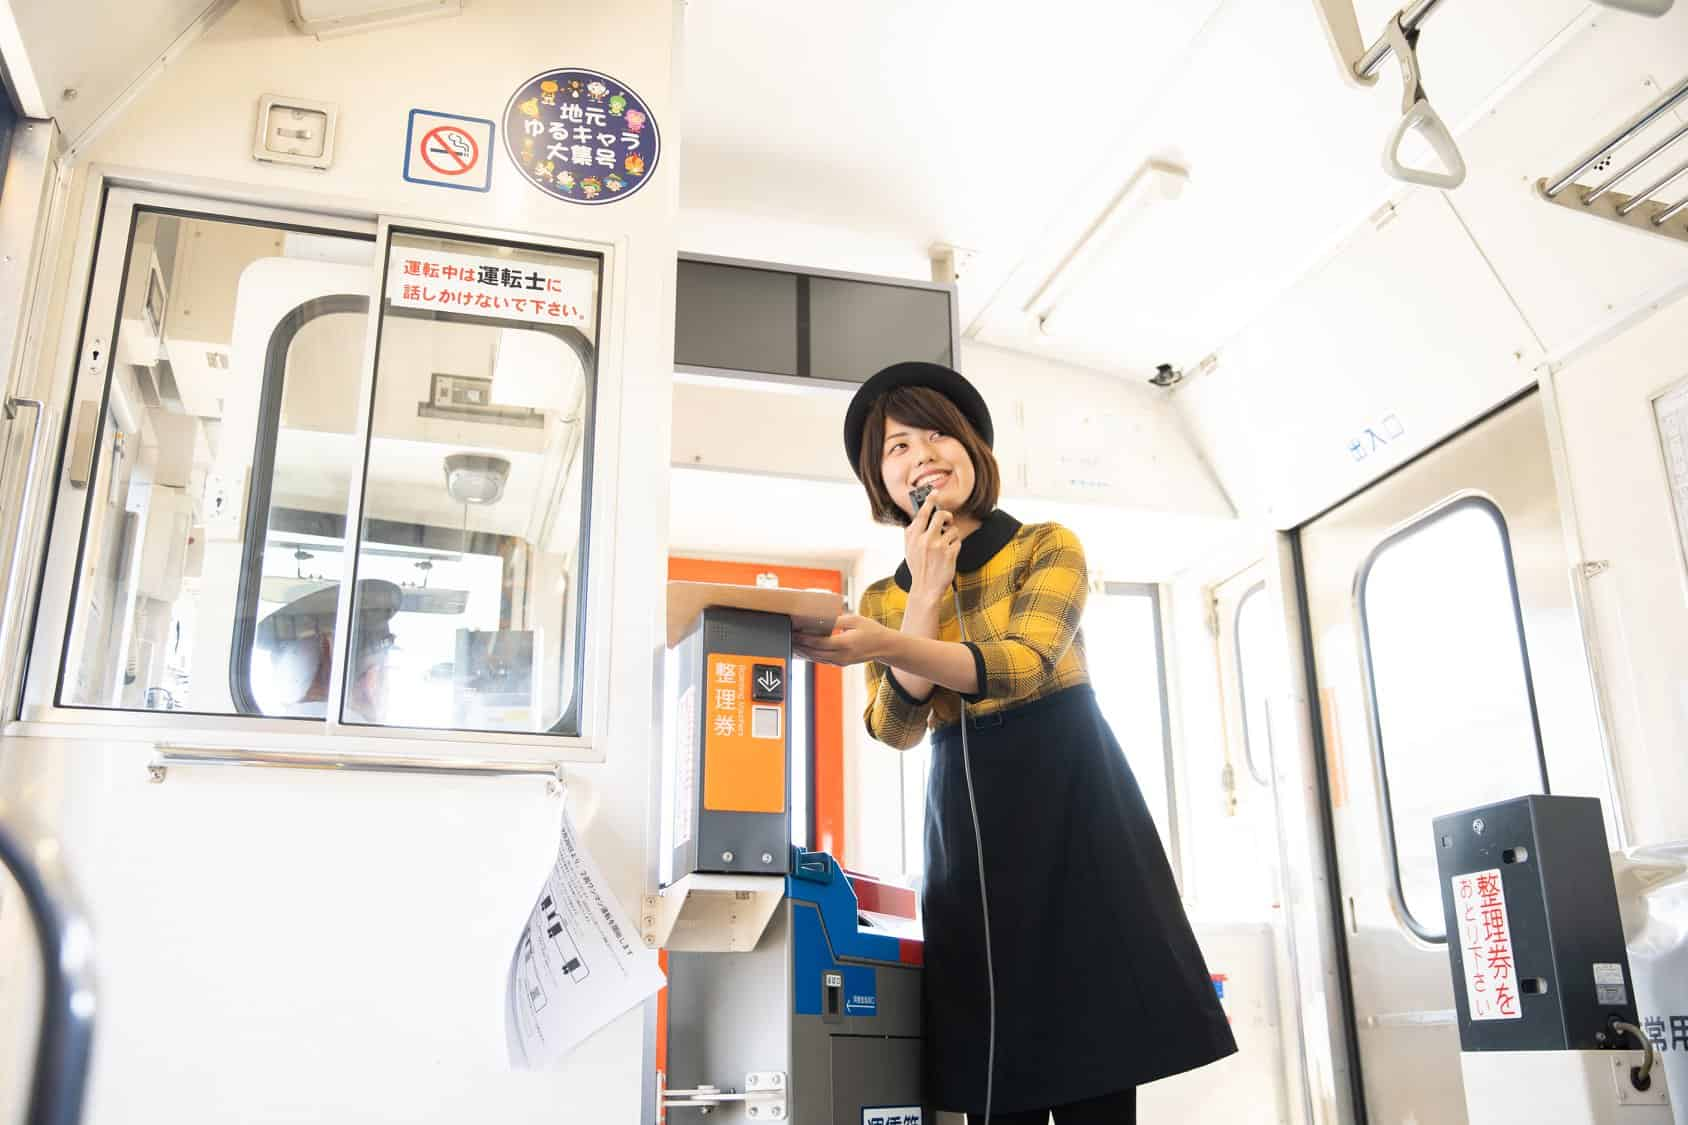 ภายในรถไฟ Shimatetsu Cafe Train มีไกด์คอยนำทาง